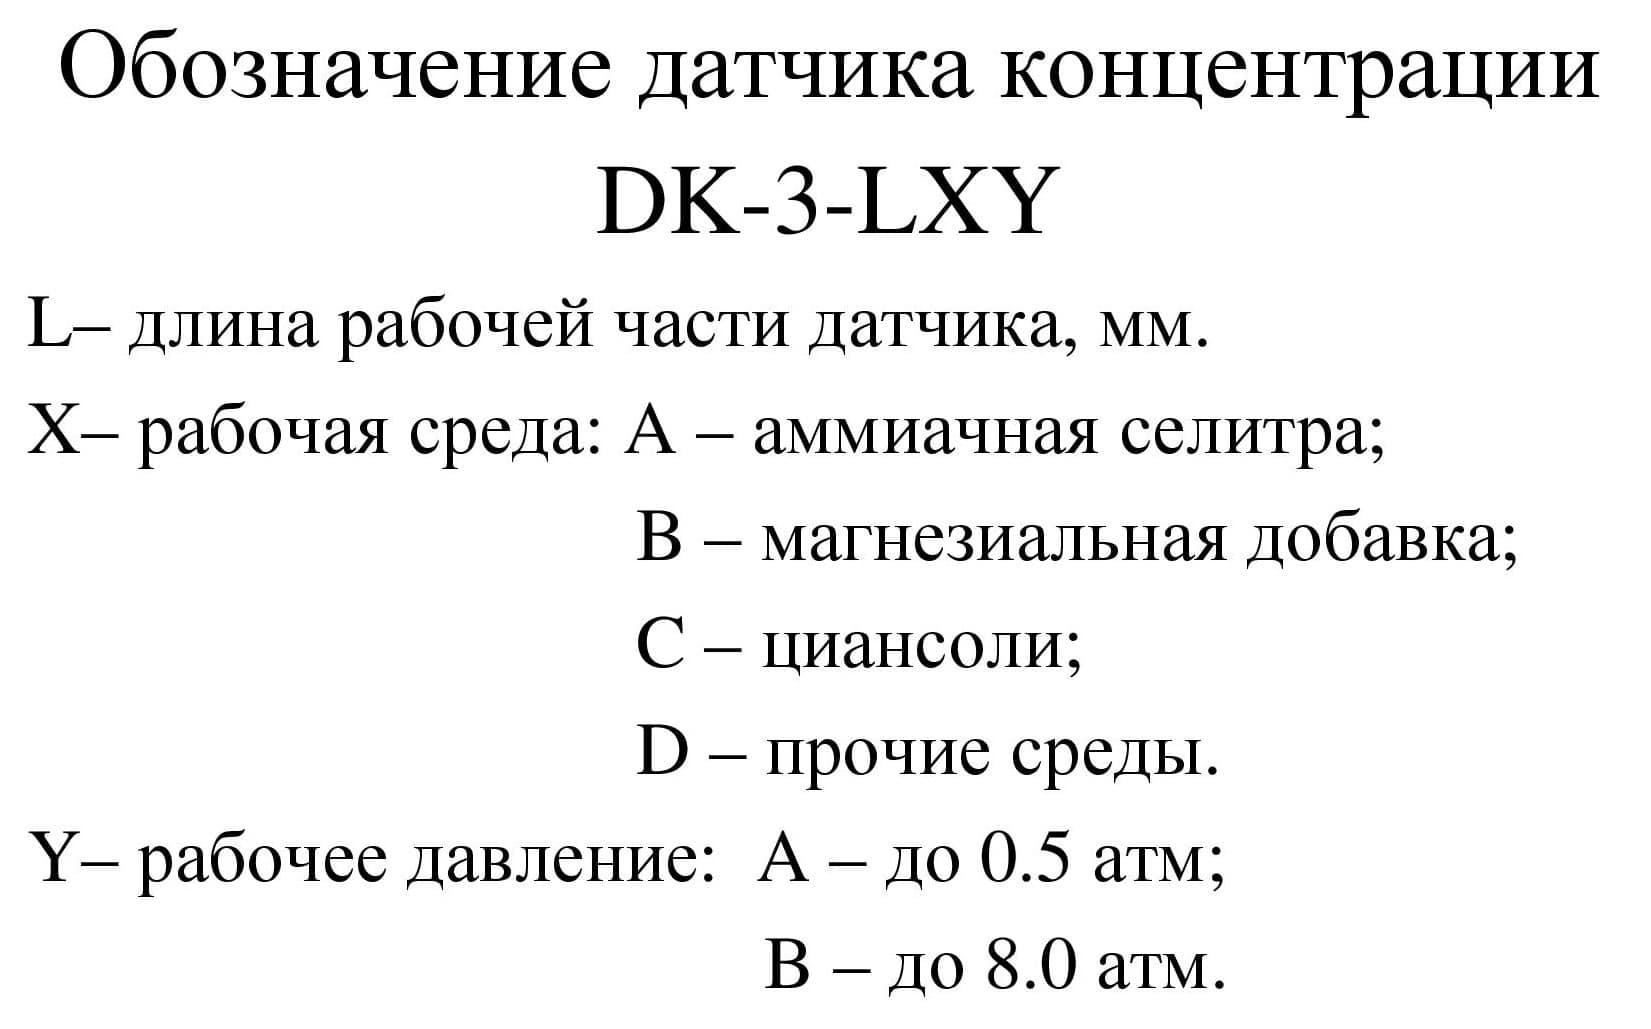 Обозначение датчика концентрации